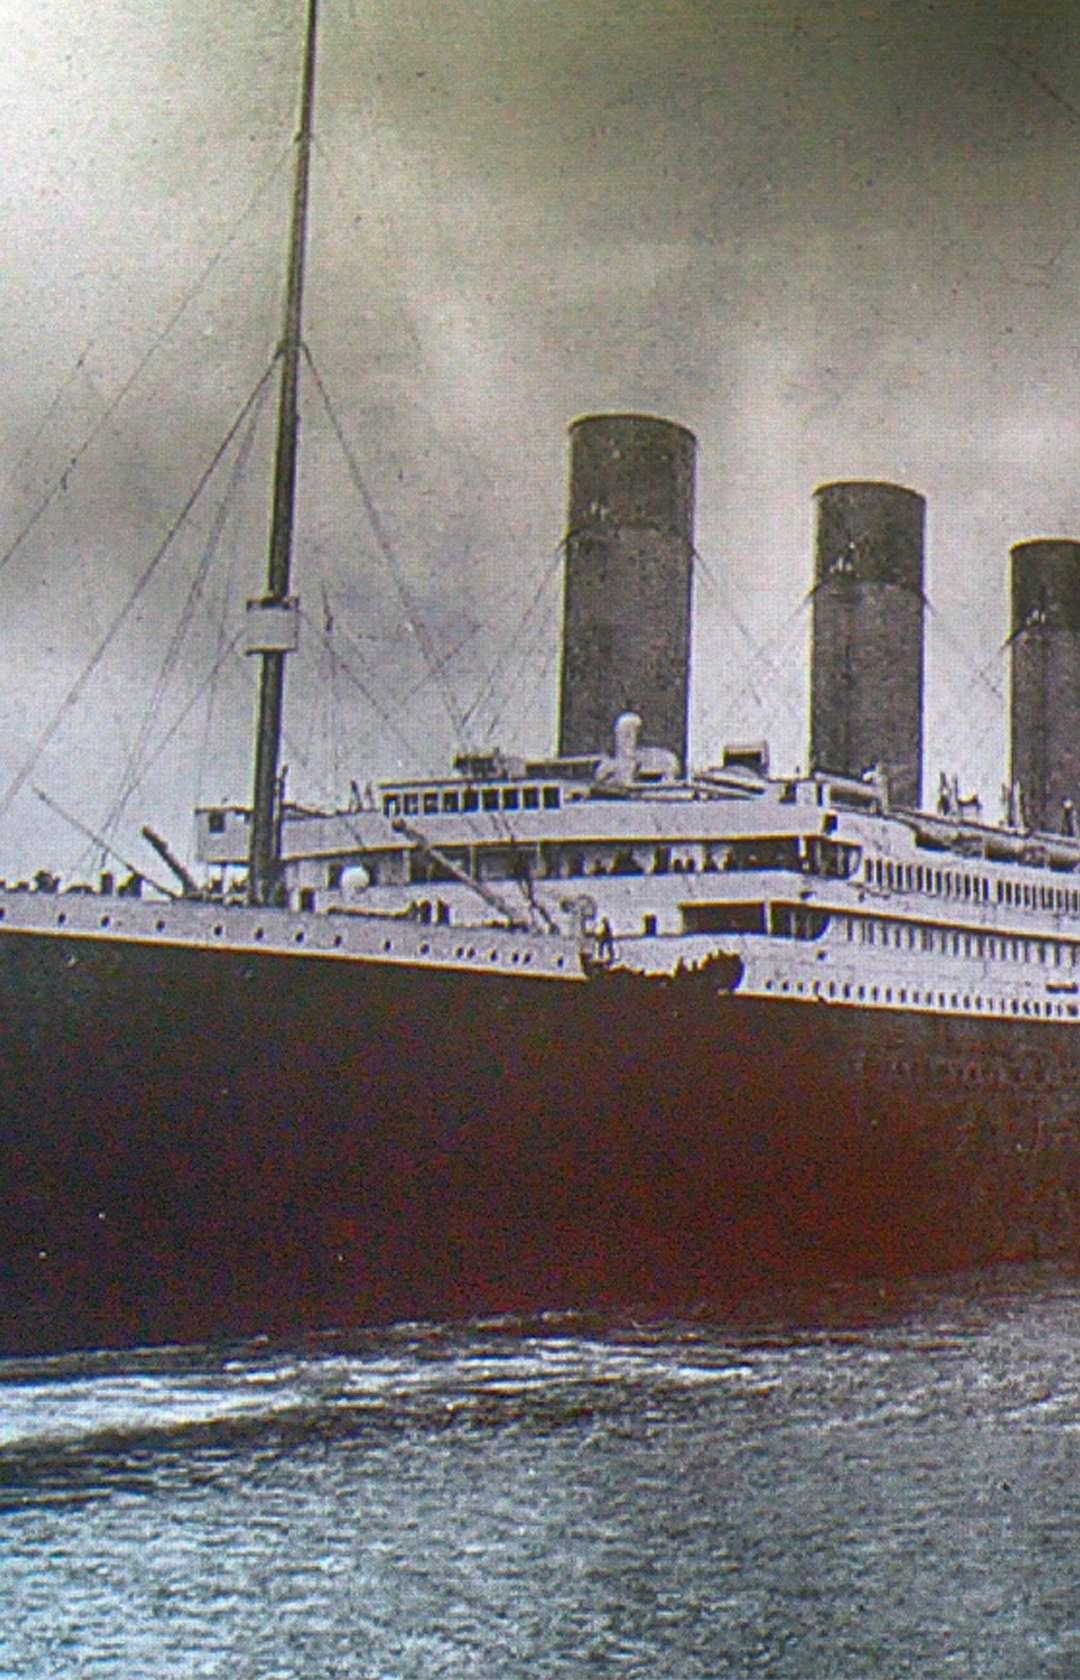 타이타닉 고의 침몰설, 그 배후는 누구인가?ㅣ스피카 스튜디오